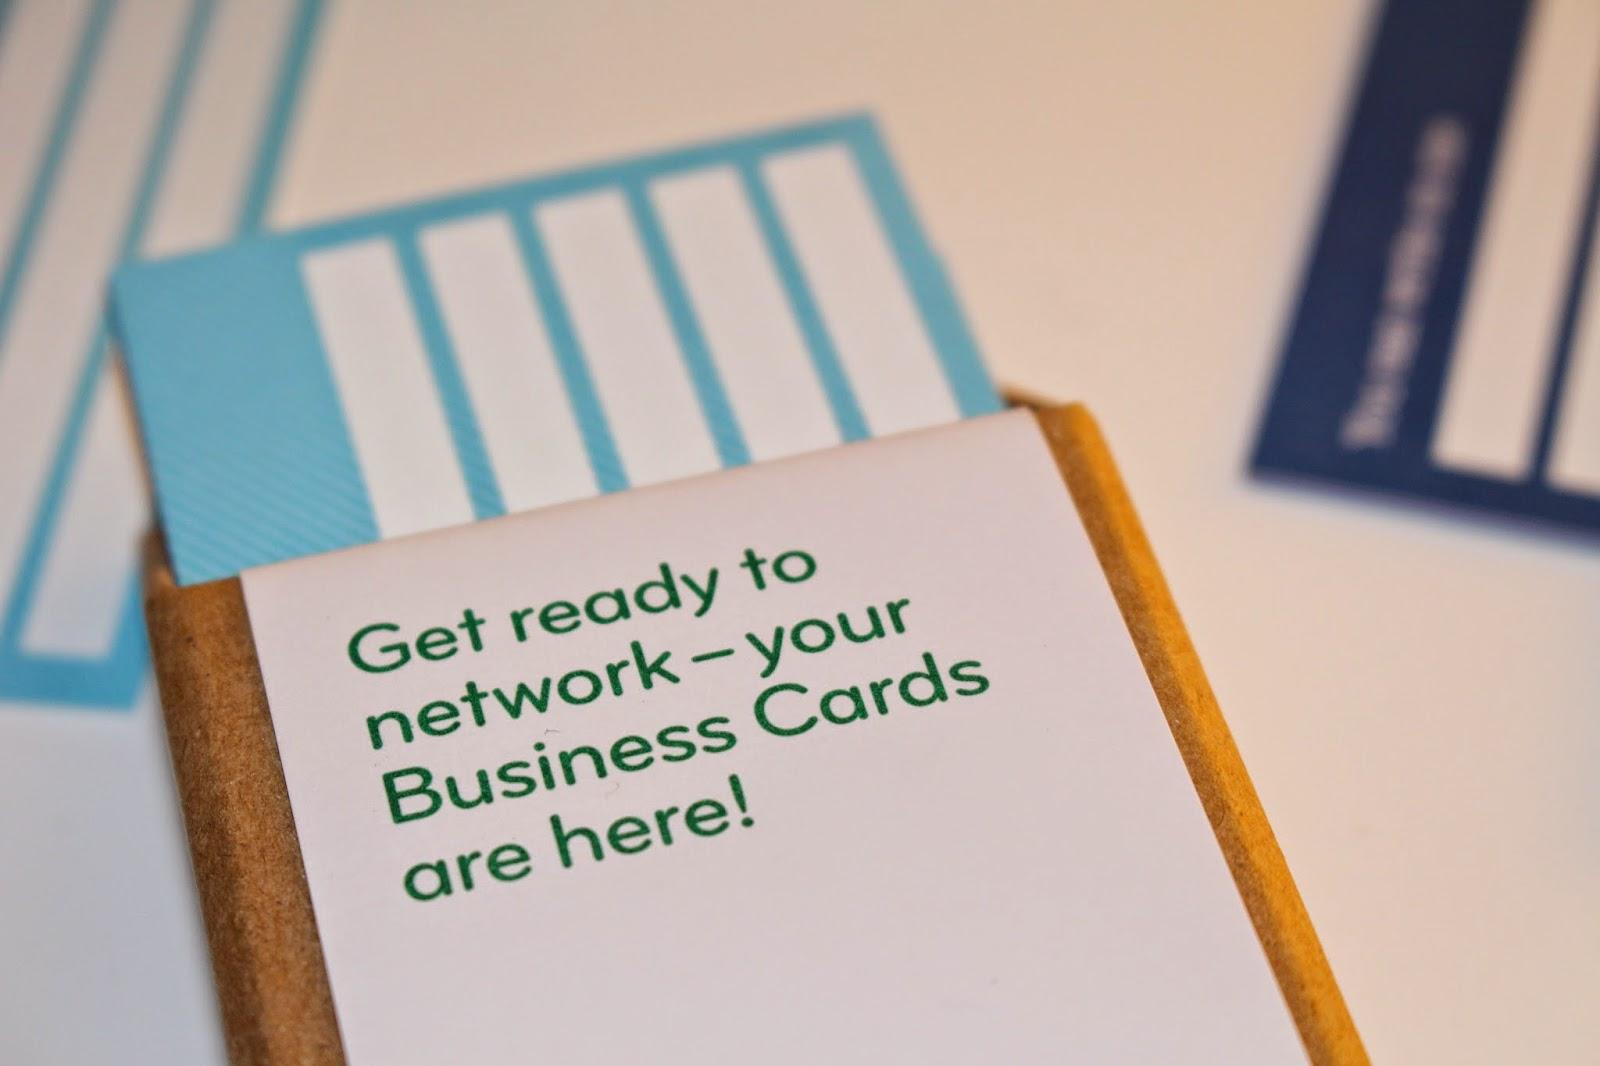 moo.com business cards